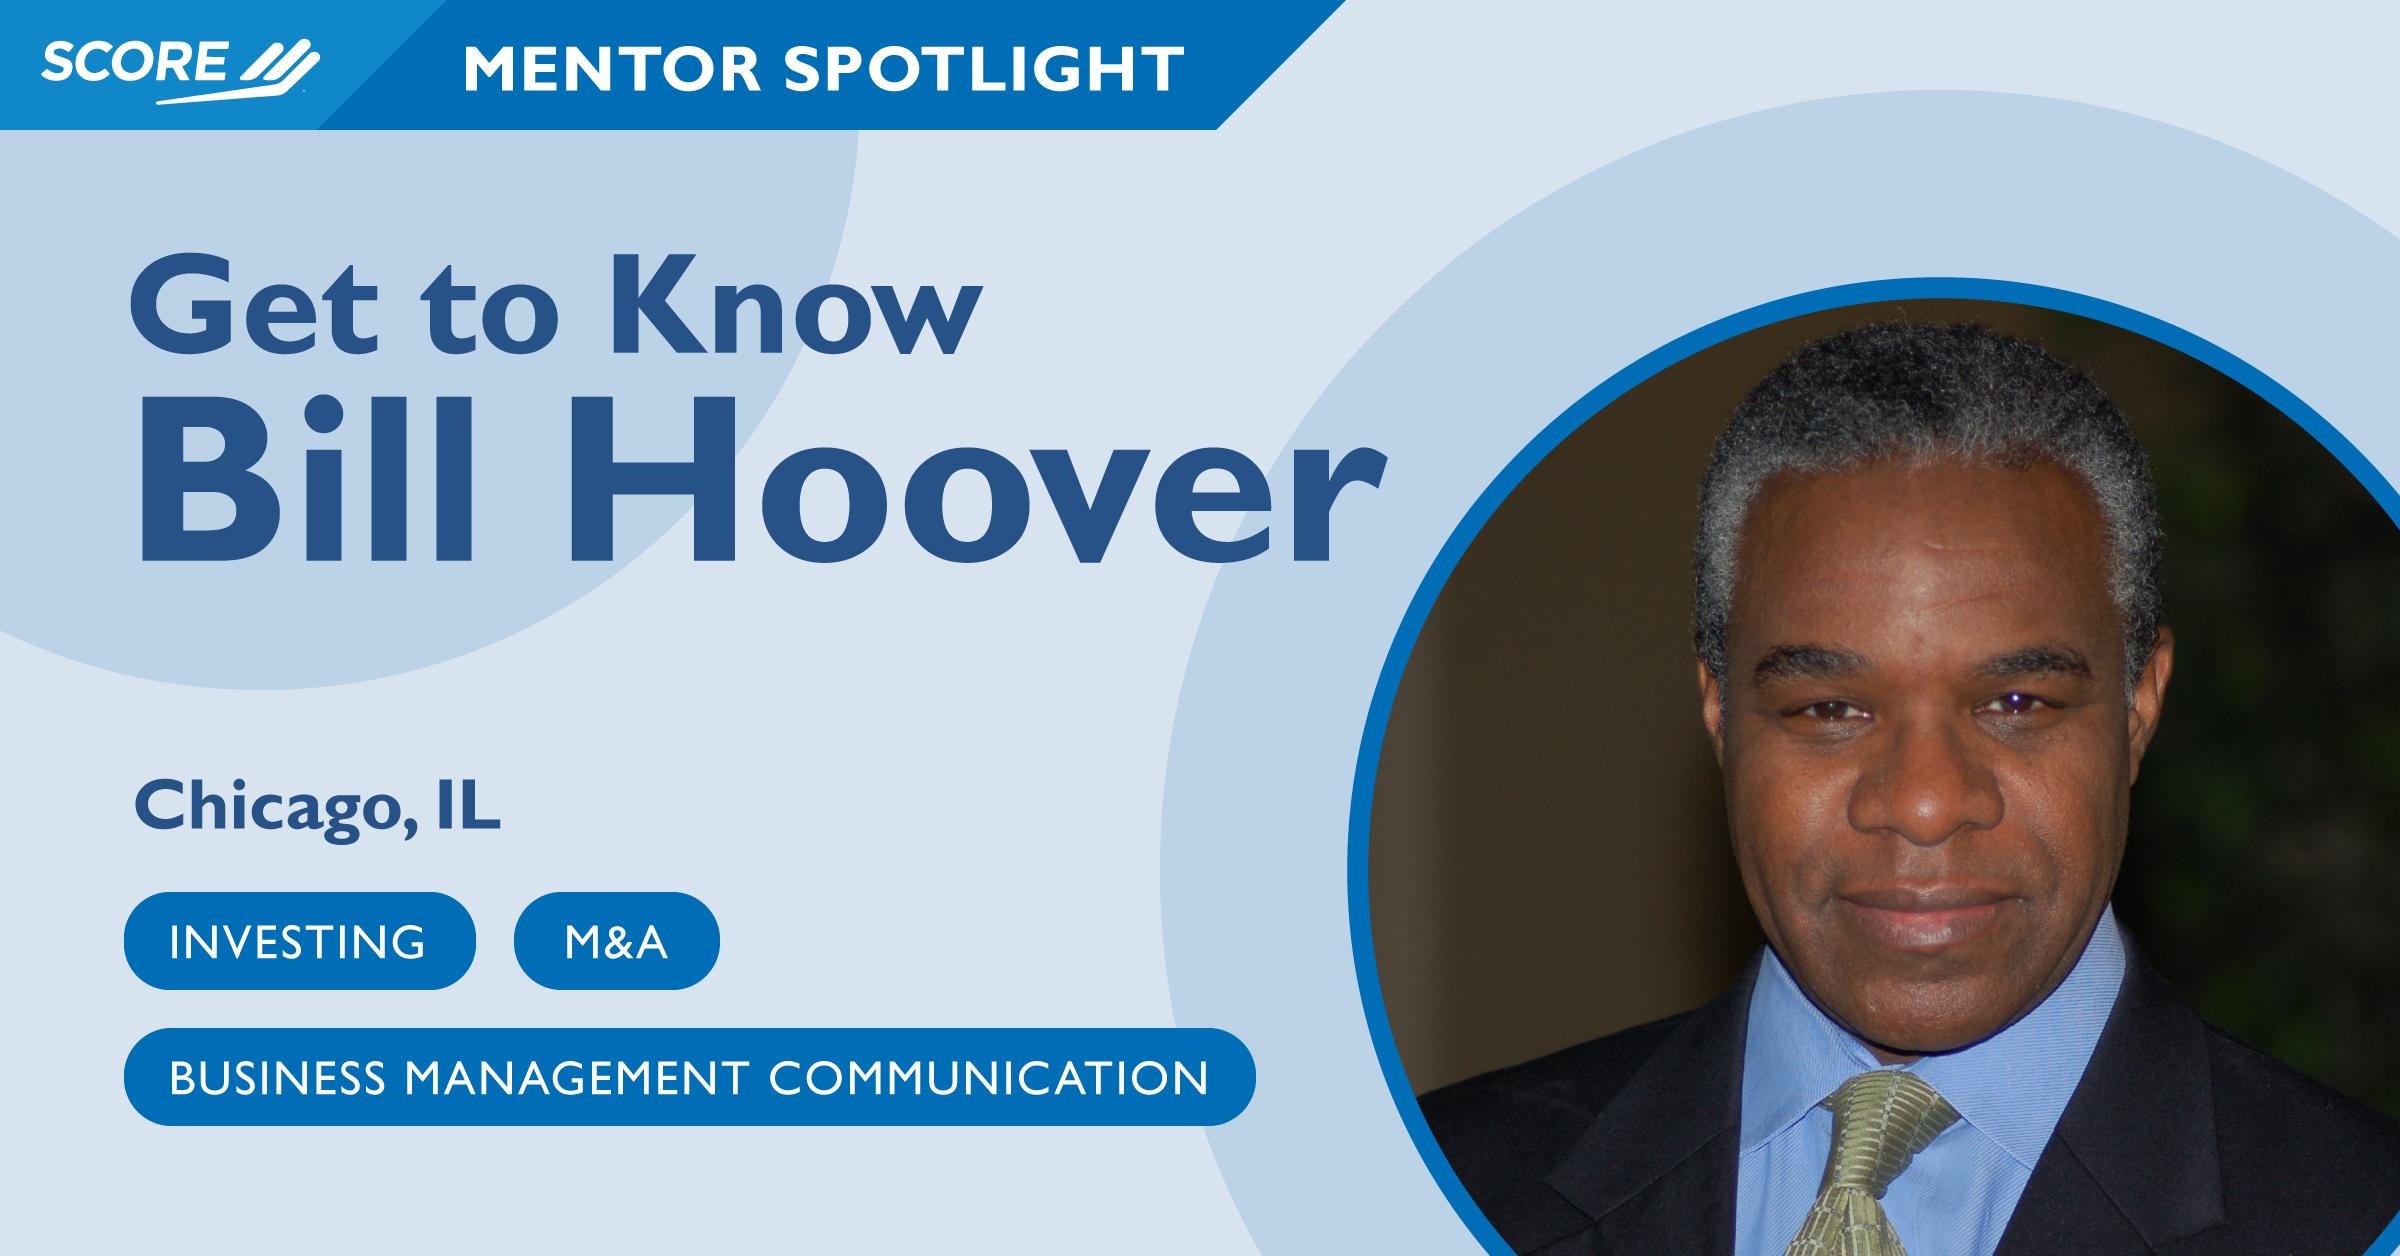 Mentor Spotlight - Bill Hoover